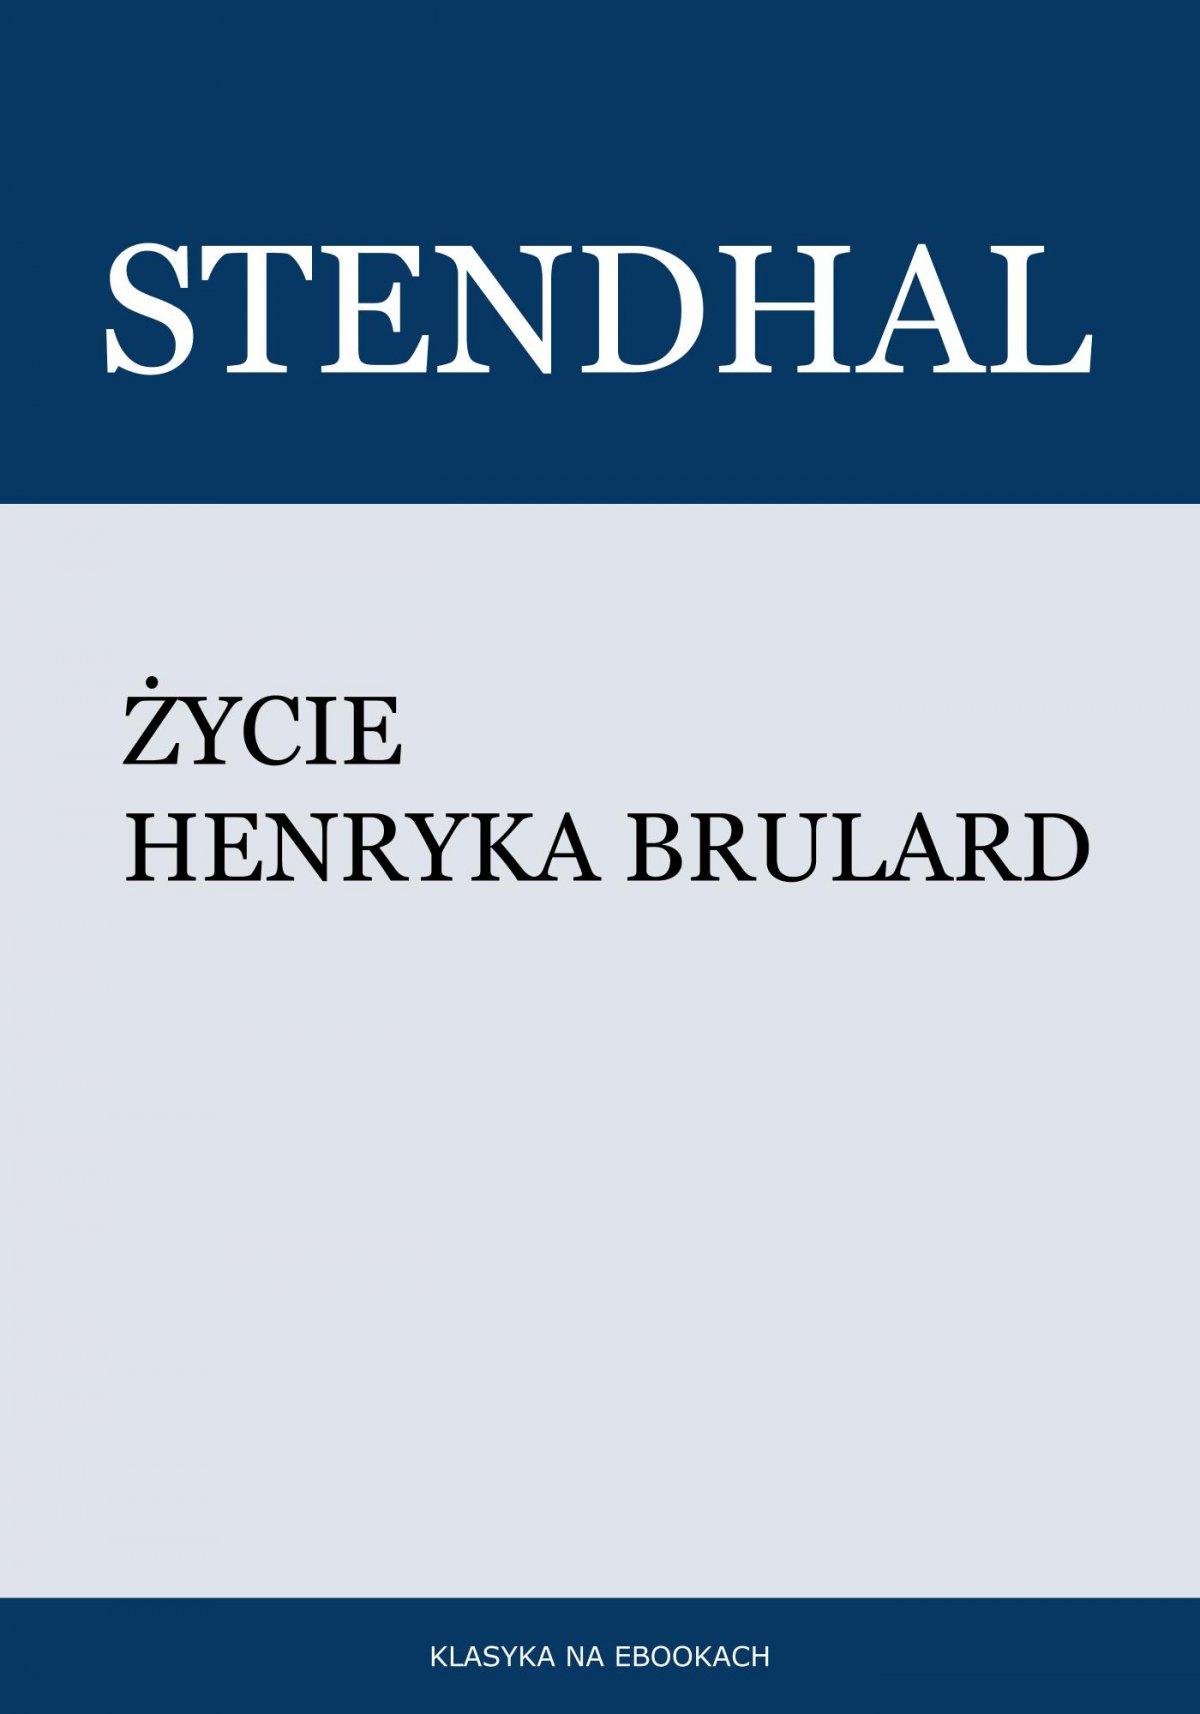 Życie Henryka Brulard - Ebook (Książka na Kindle) do pobrania w formacie MOBI